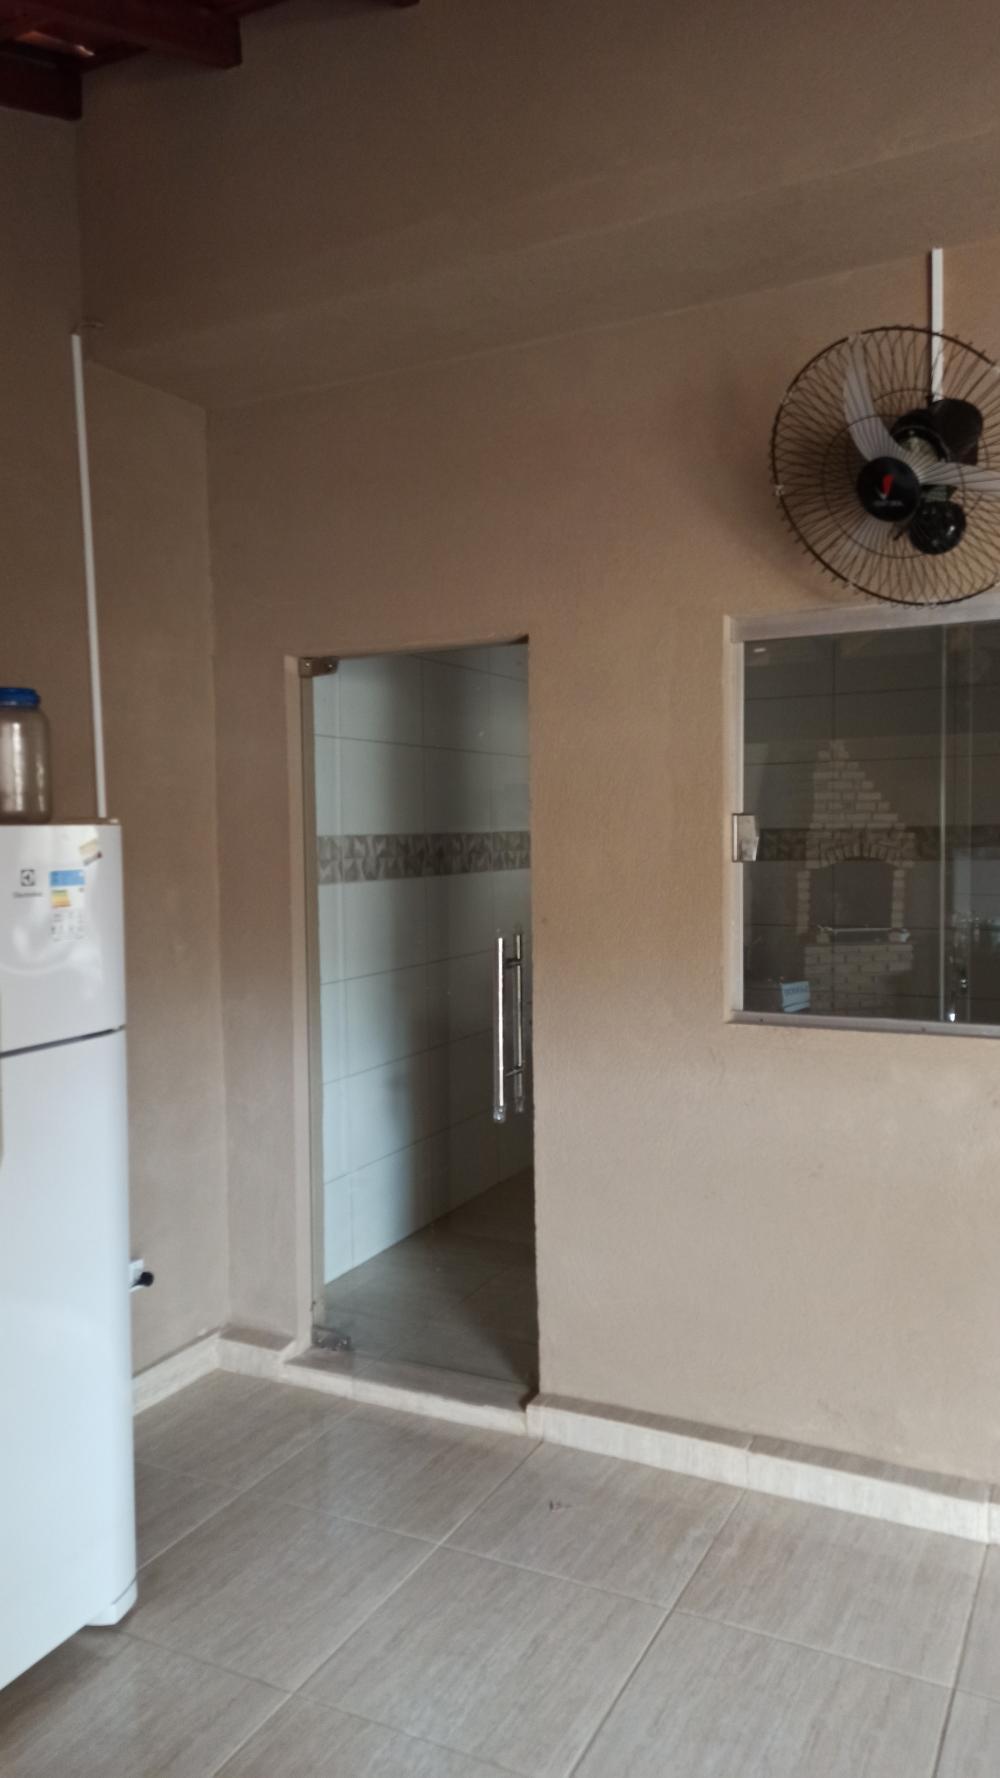 Comprar Casa / Padrão em São José do Rio Preto apenas R$ 260.000,00 - Foto 5